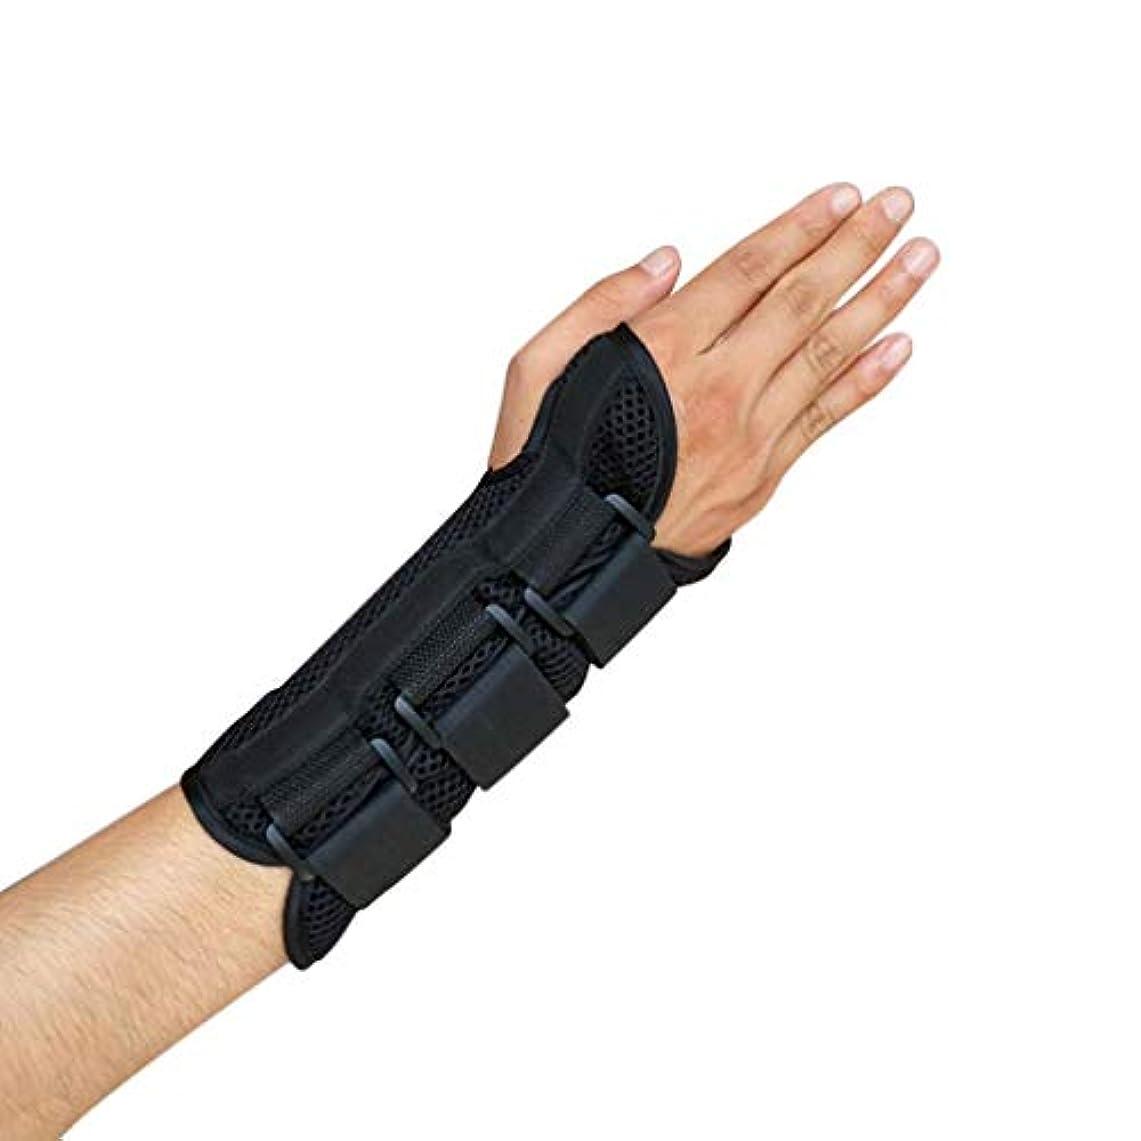 有料レタッチ句読点手根管手首ブレースサポート捻Sp前腕スプリントバンドストラップ保護-Rustle666